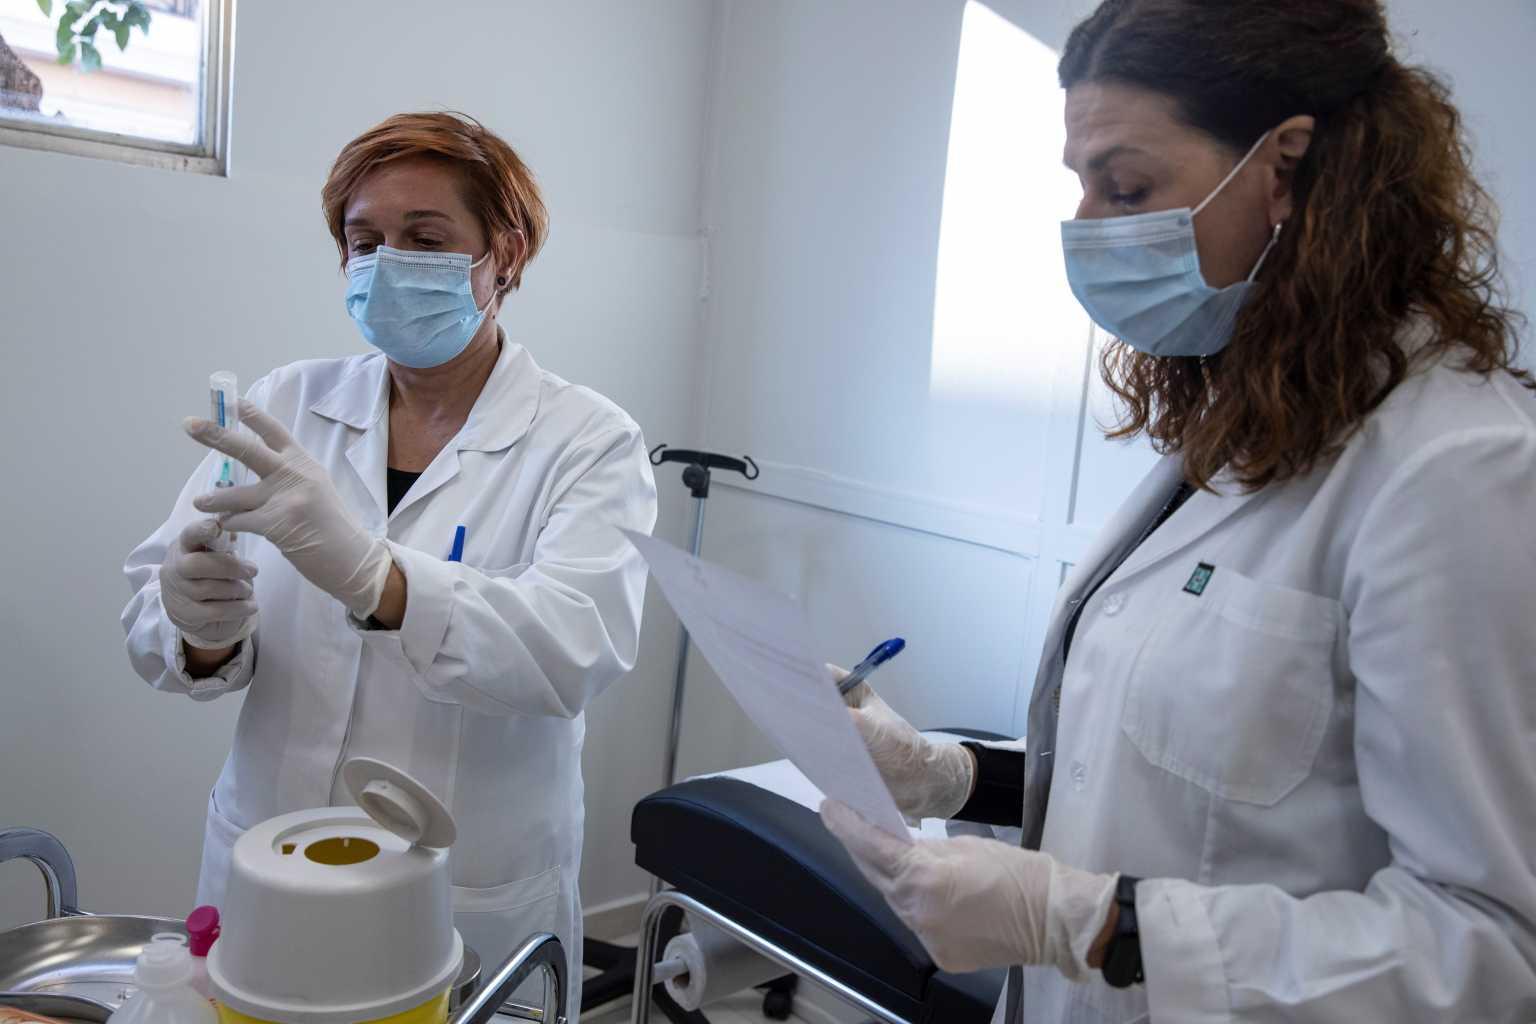 Εμβόλιο κορονοϊού: 44.080 το έκαναν ήδη, ποιοι παίρνουν σειρά από αύριο – Τι πρέπει να κάνετε